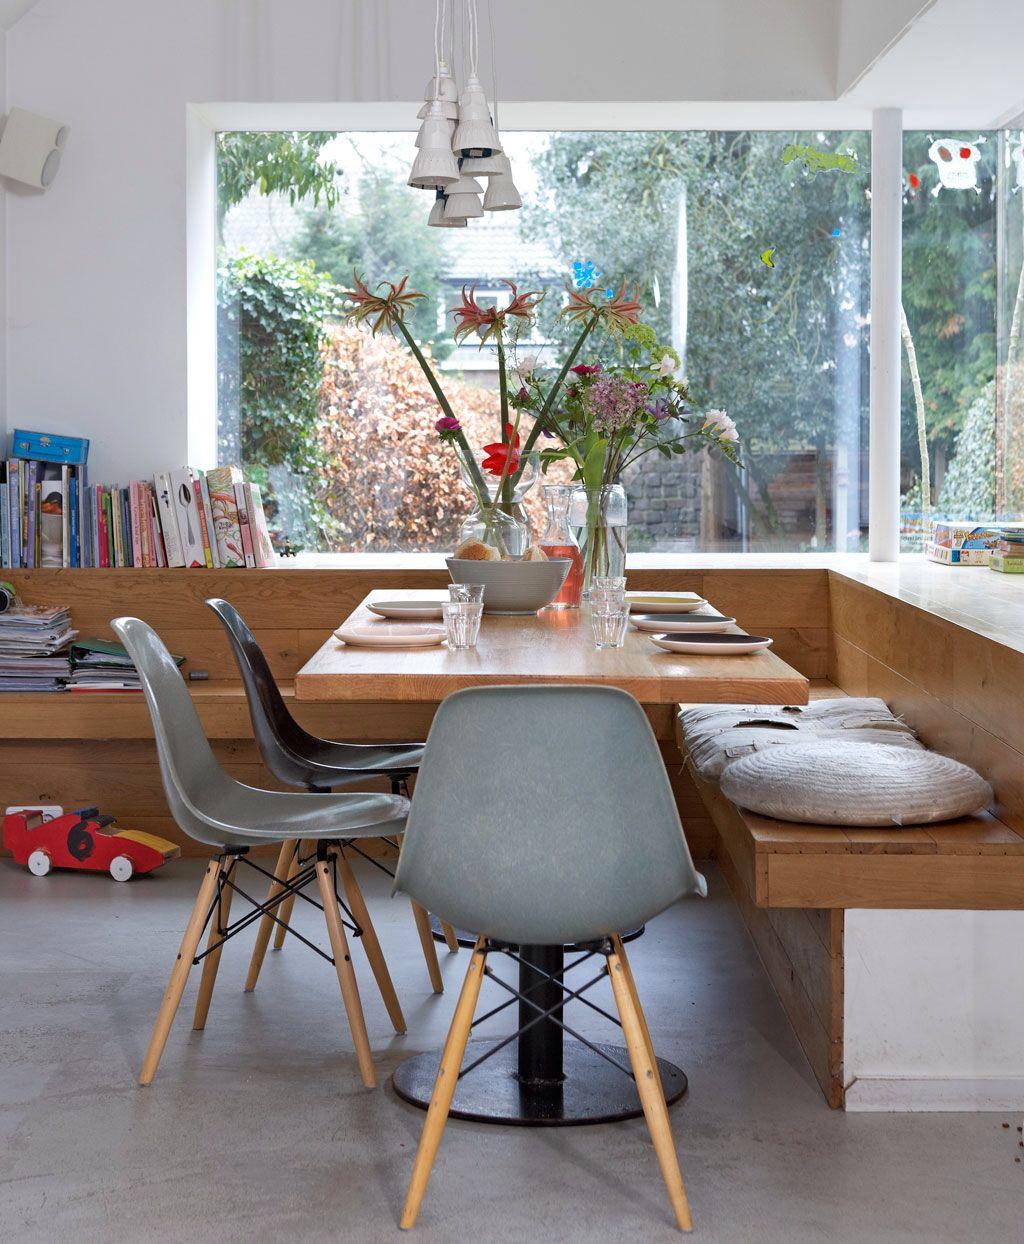 Eckbank Am Fenster Essbereich In 2019 Dining Room Kitchen Und Room